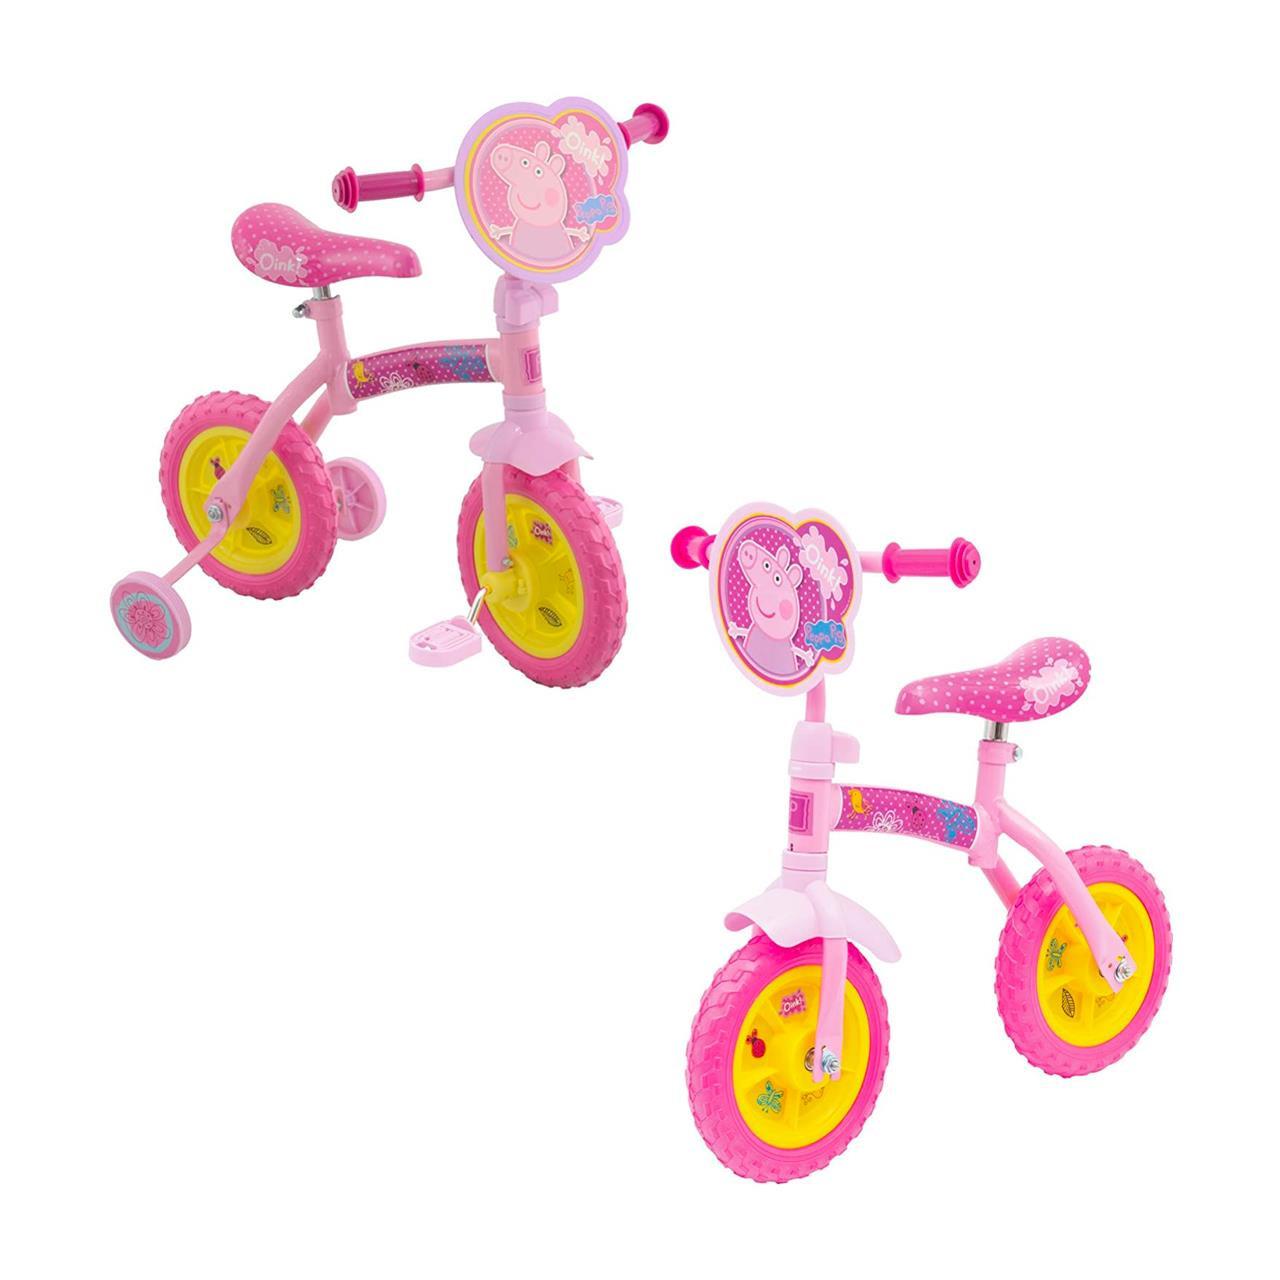 Peppa Pig 2-in-1 Training Bike